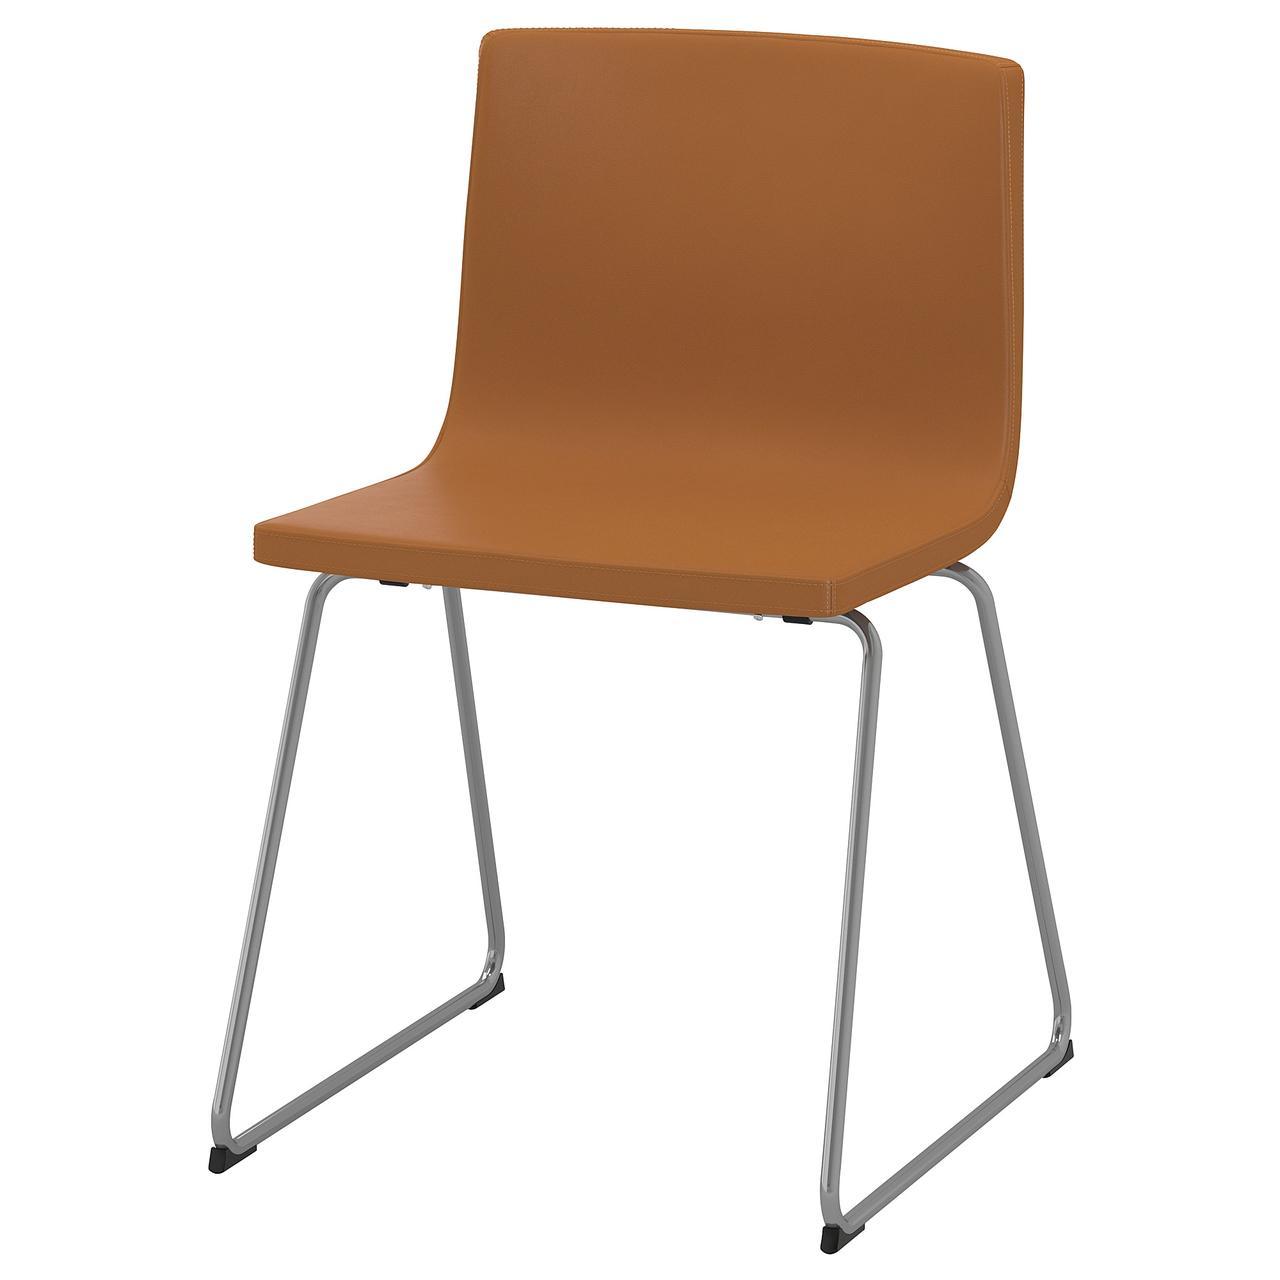 Кресло кухонное IKEA BERNHARD Mjuk коричневое 504.048.24